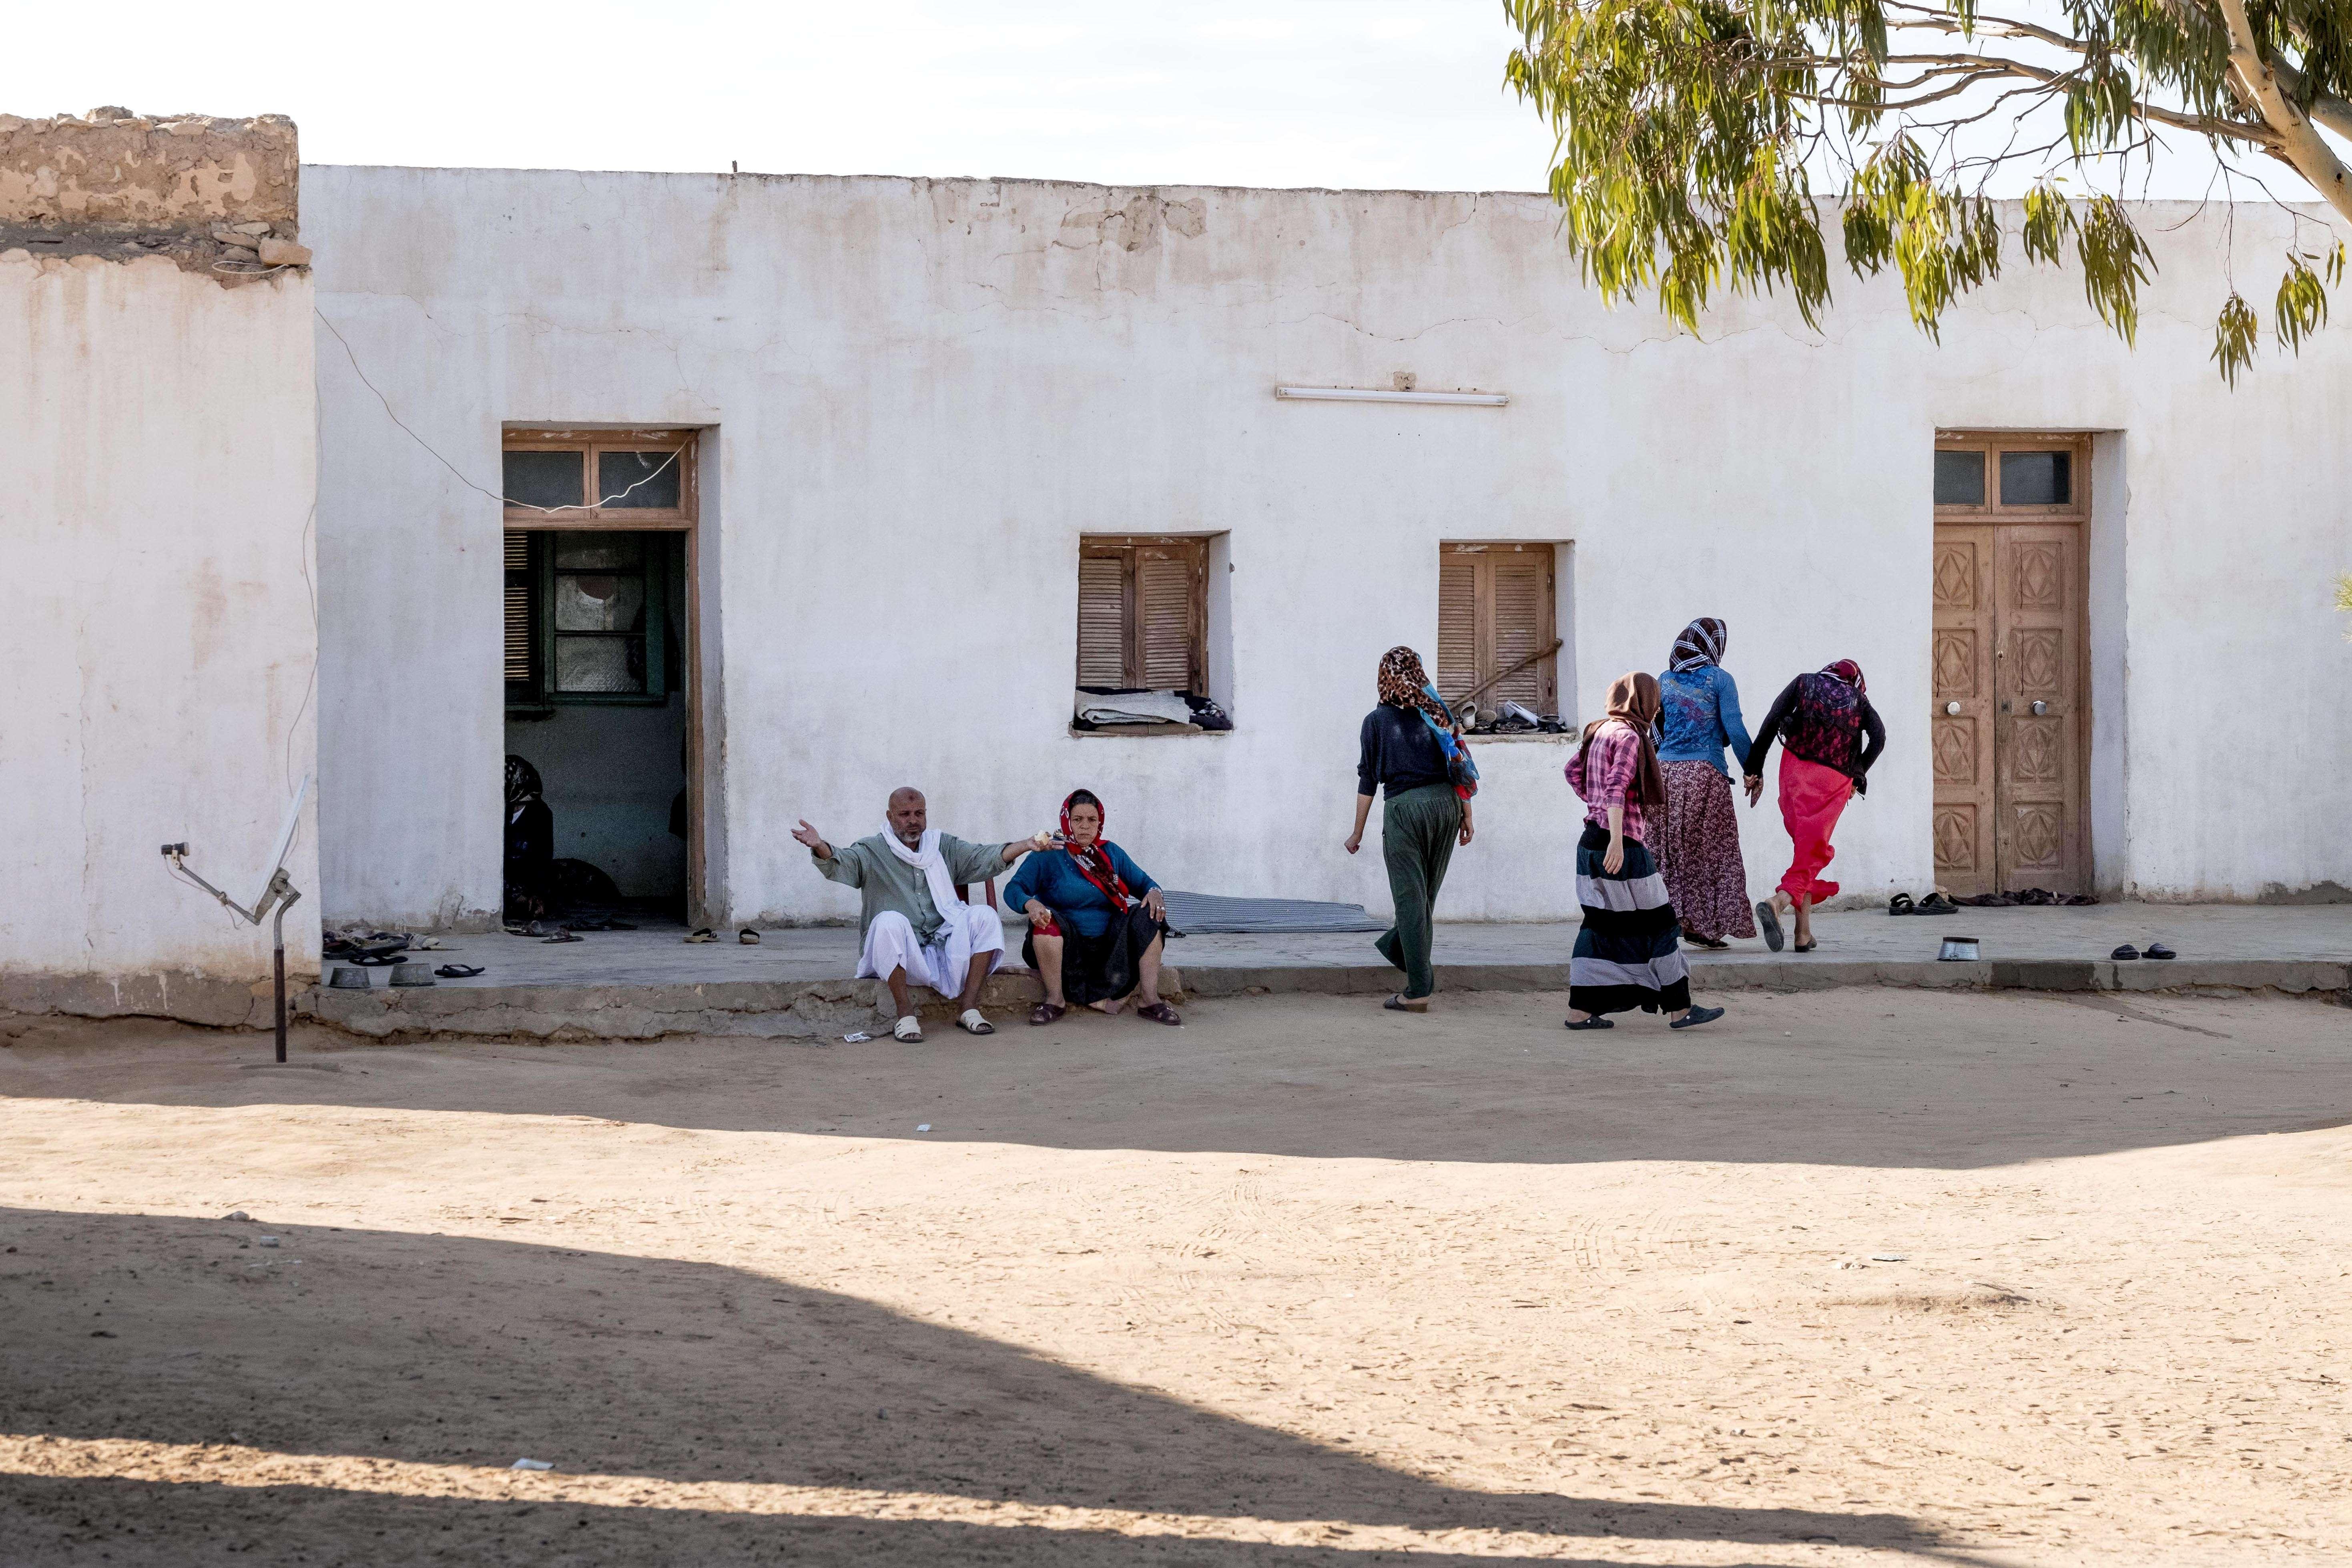 Le hameau de Ltaiïfa se situe à 15 km de Bir Ali, dans l'arrière-pays tunisien, où vit Nasr Nasr.